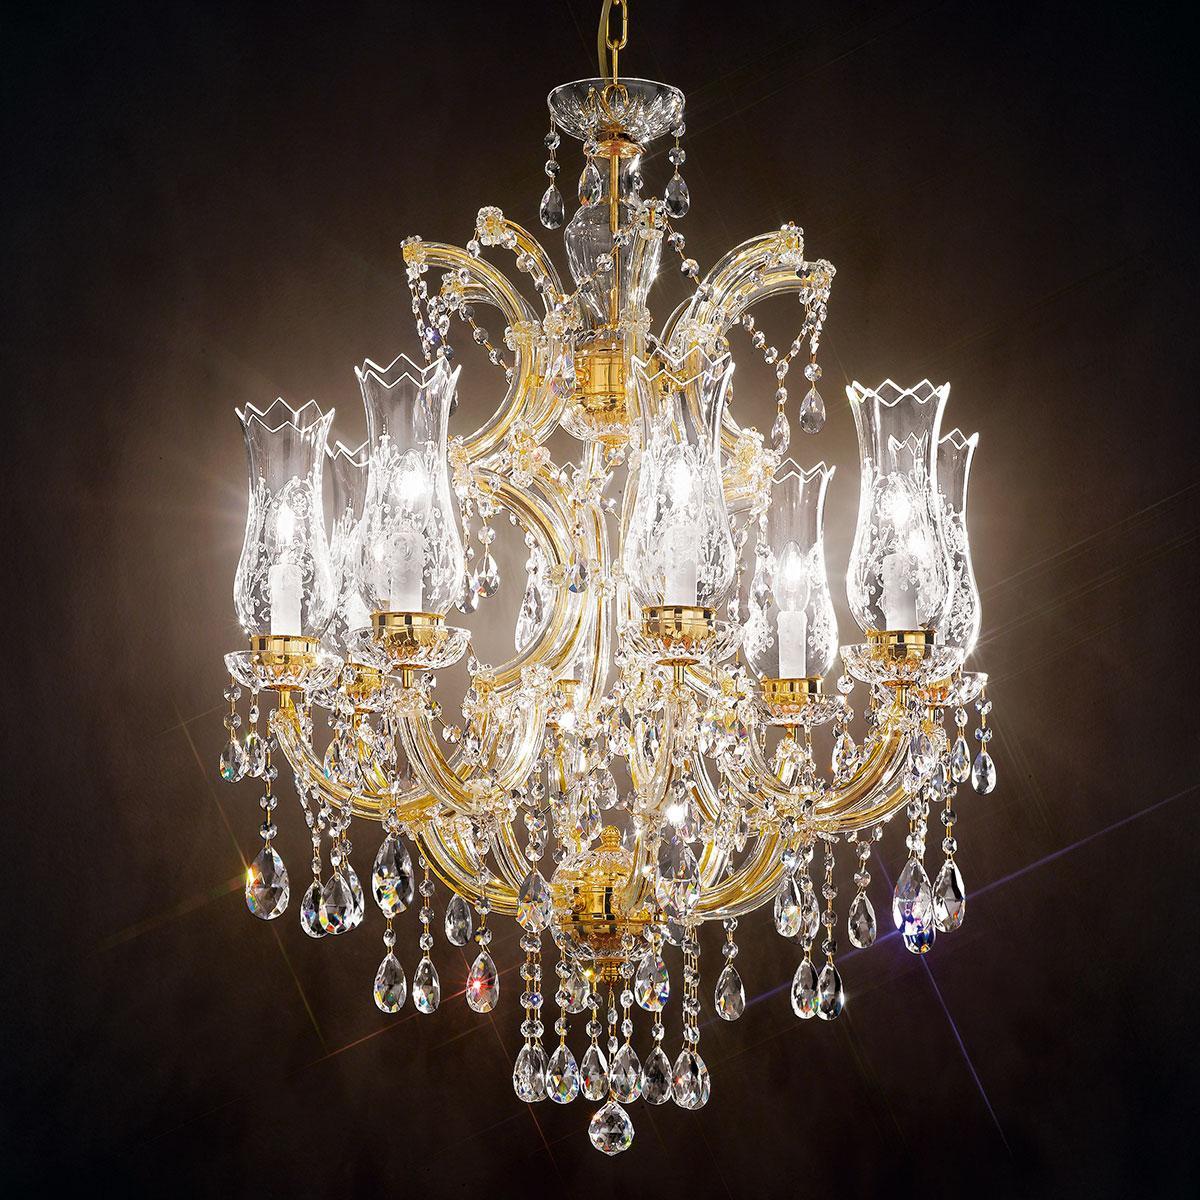 """""""Michelangelo"""" venezianischer kristall kronleuchter - 8 flammig - transparent mit kristal Asfour"""